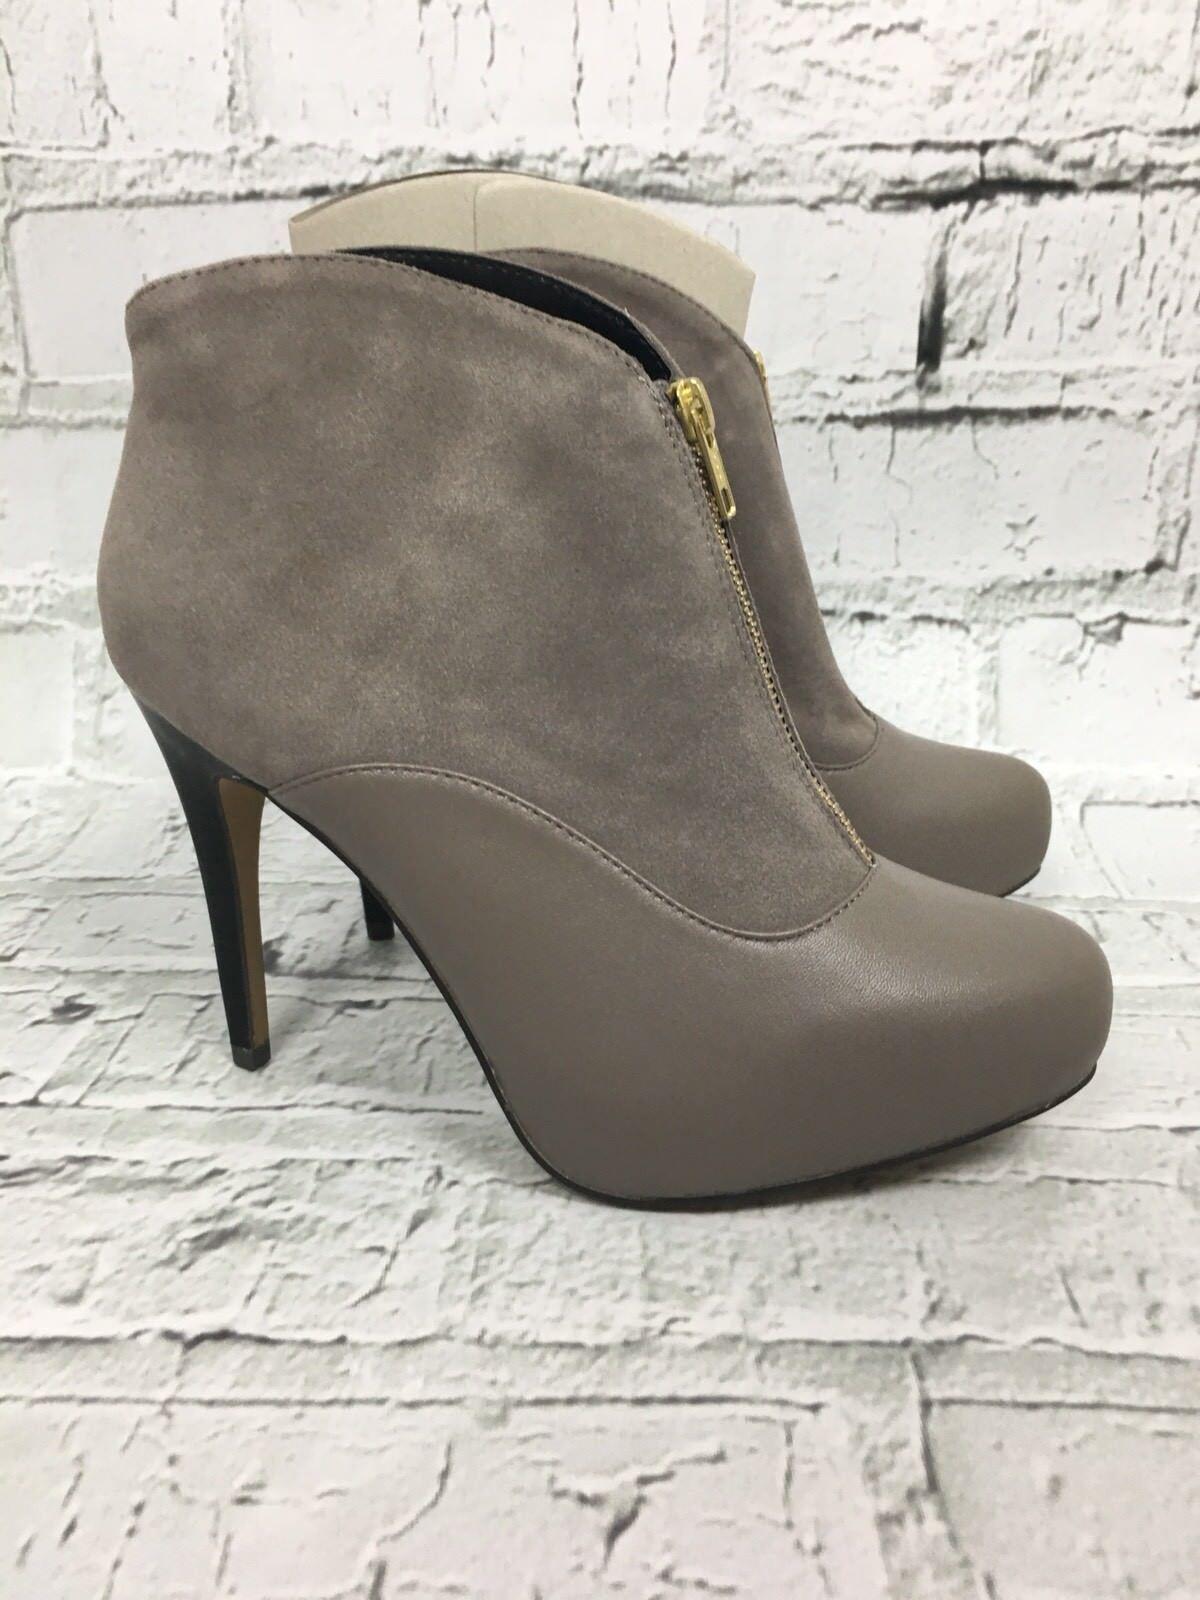 damen NEXT Größe Mink Zip Fasten High Heel Ankle Stiefel Größe NEXT 7 98cbb6